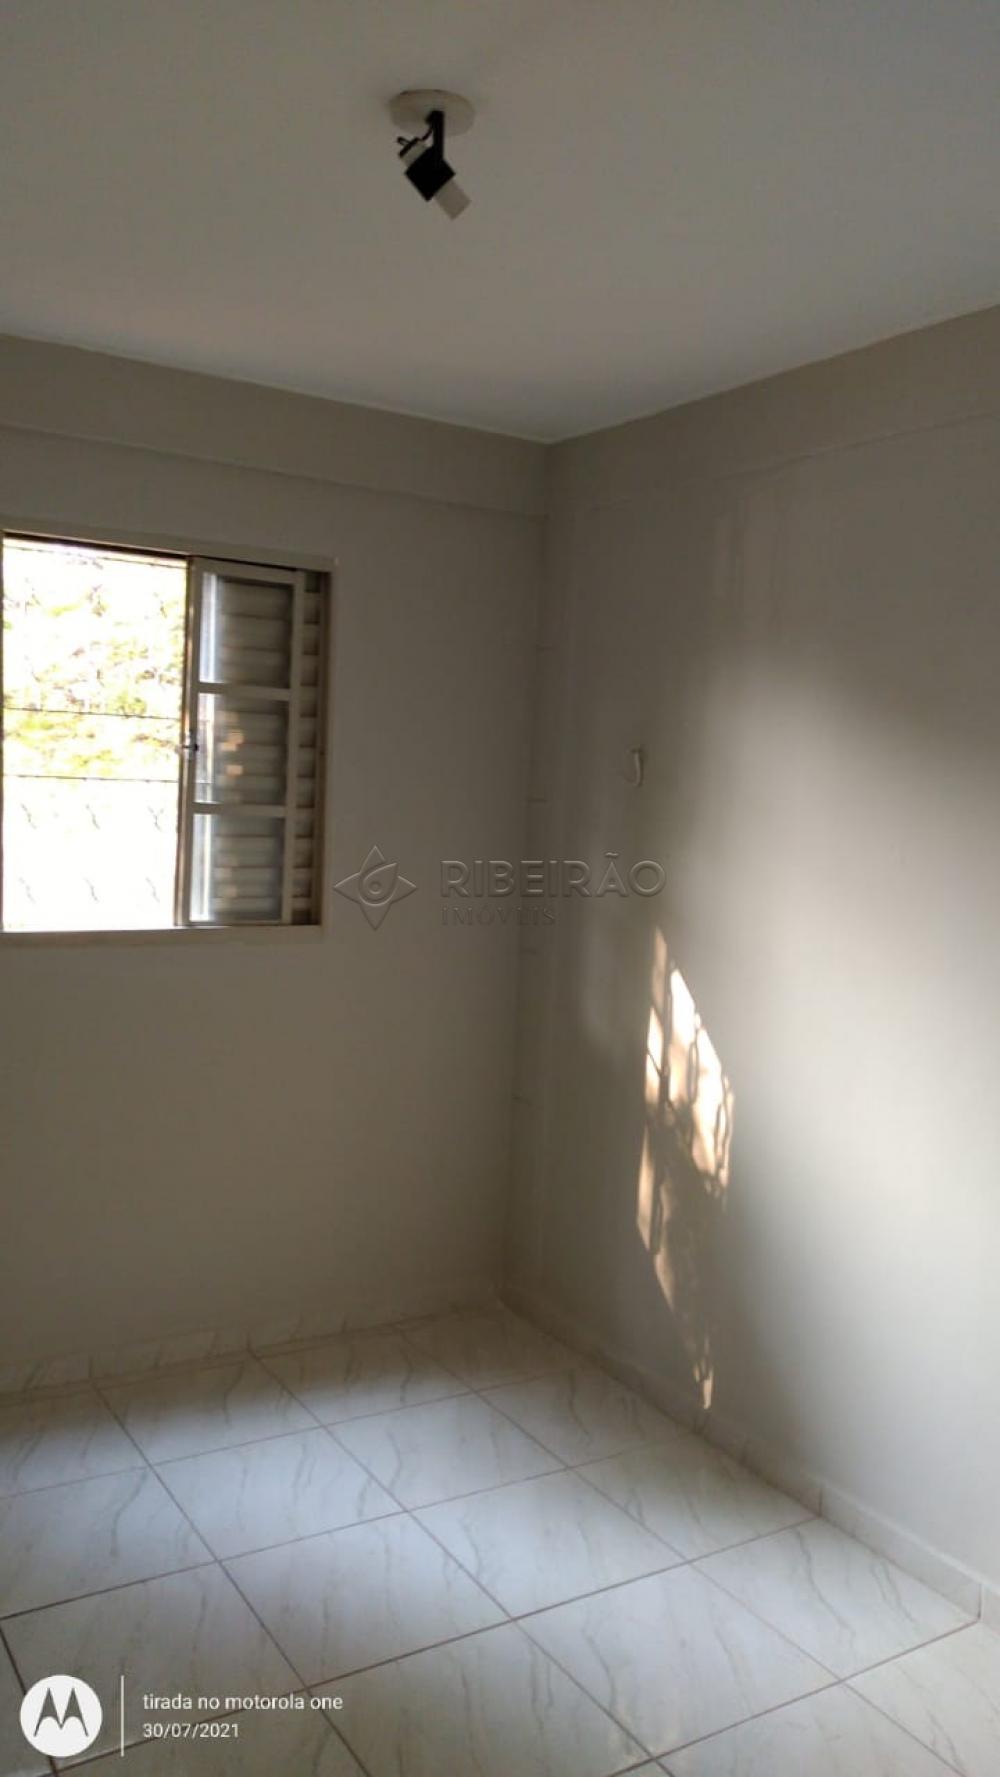 Alugar Apartamento / Padrão em Ribeirão Preto R$ 750,00 - Foto 15